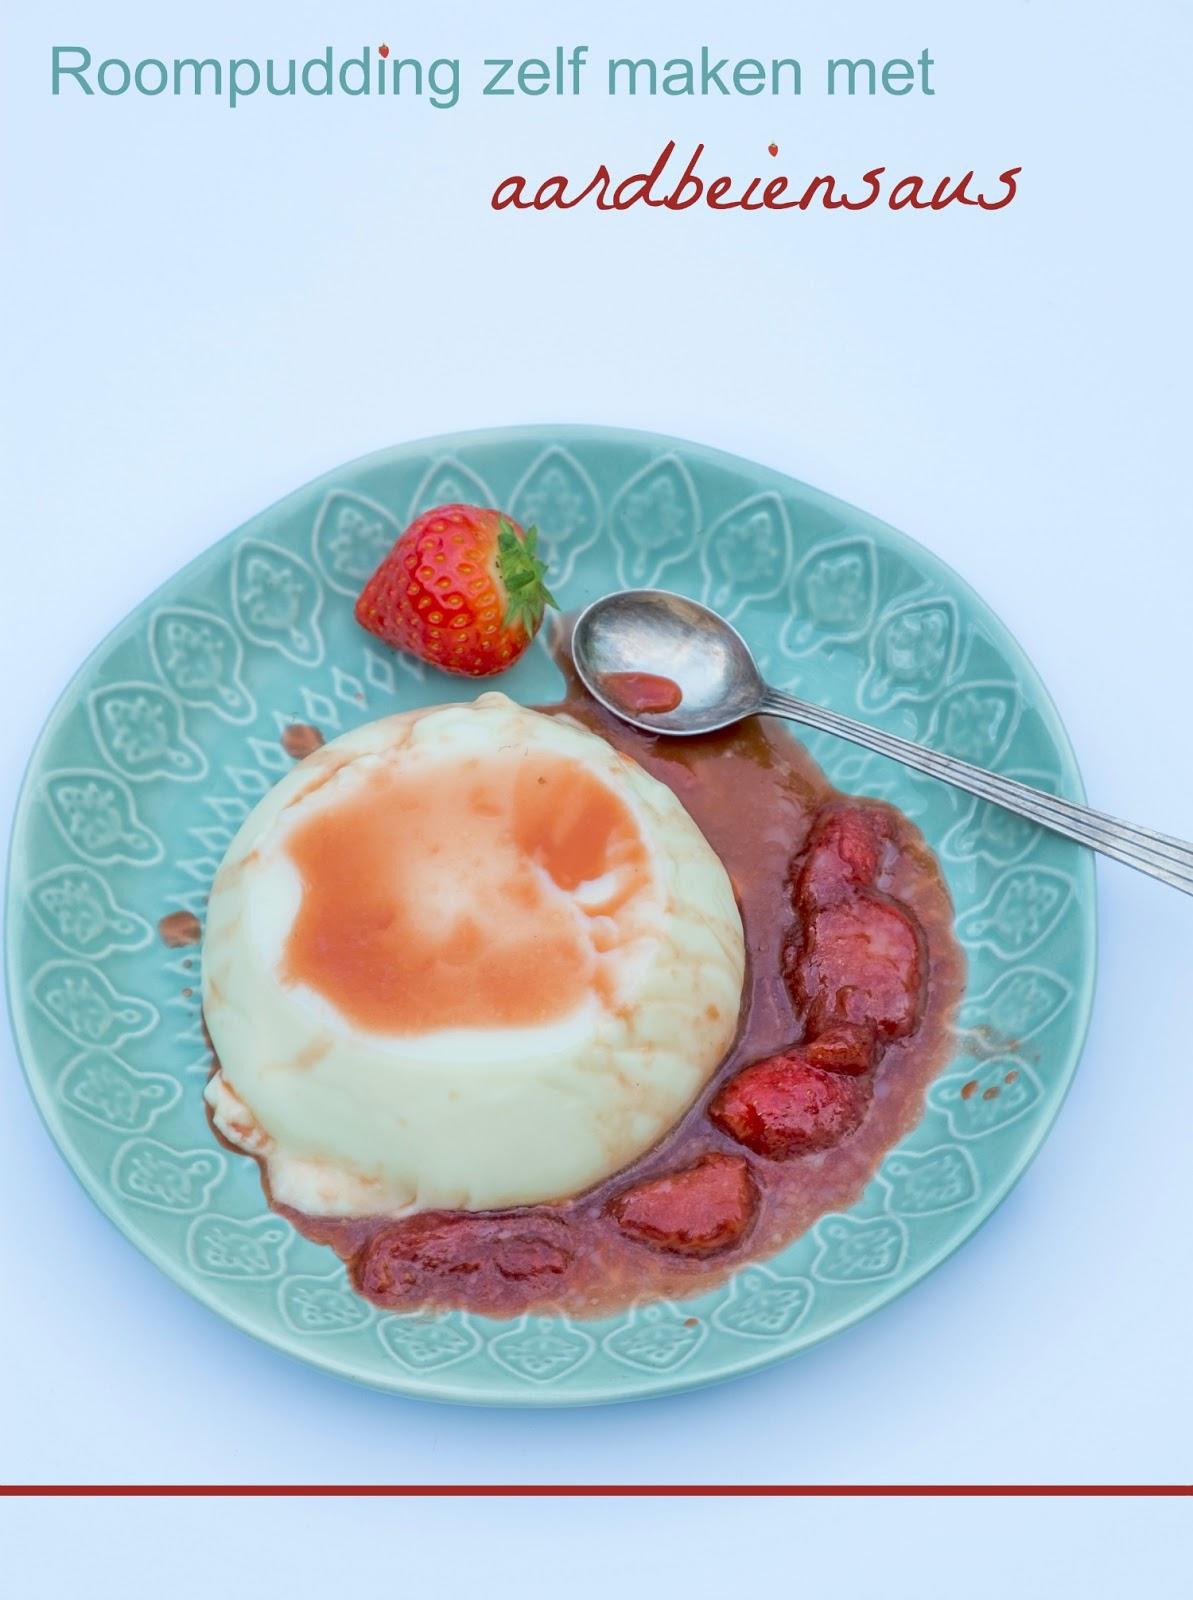 Roompudding zelf maken met aardbeiensaus